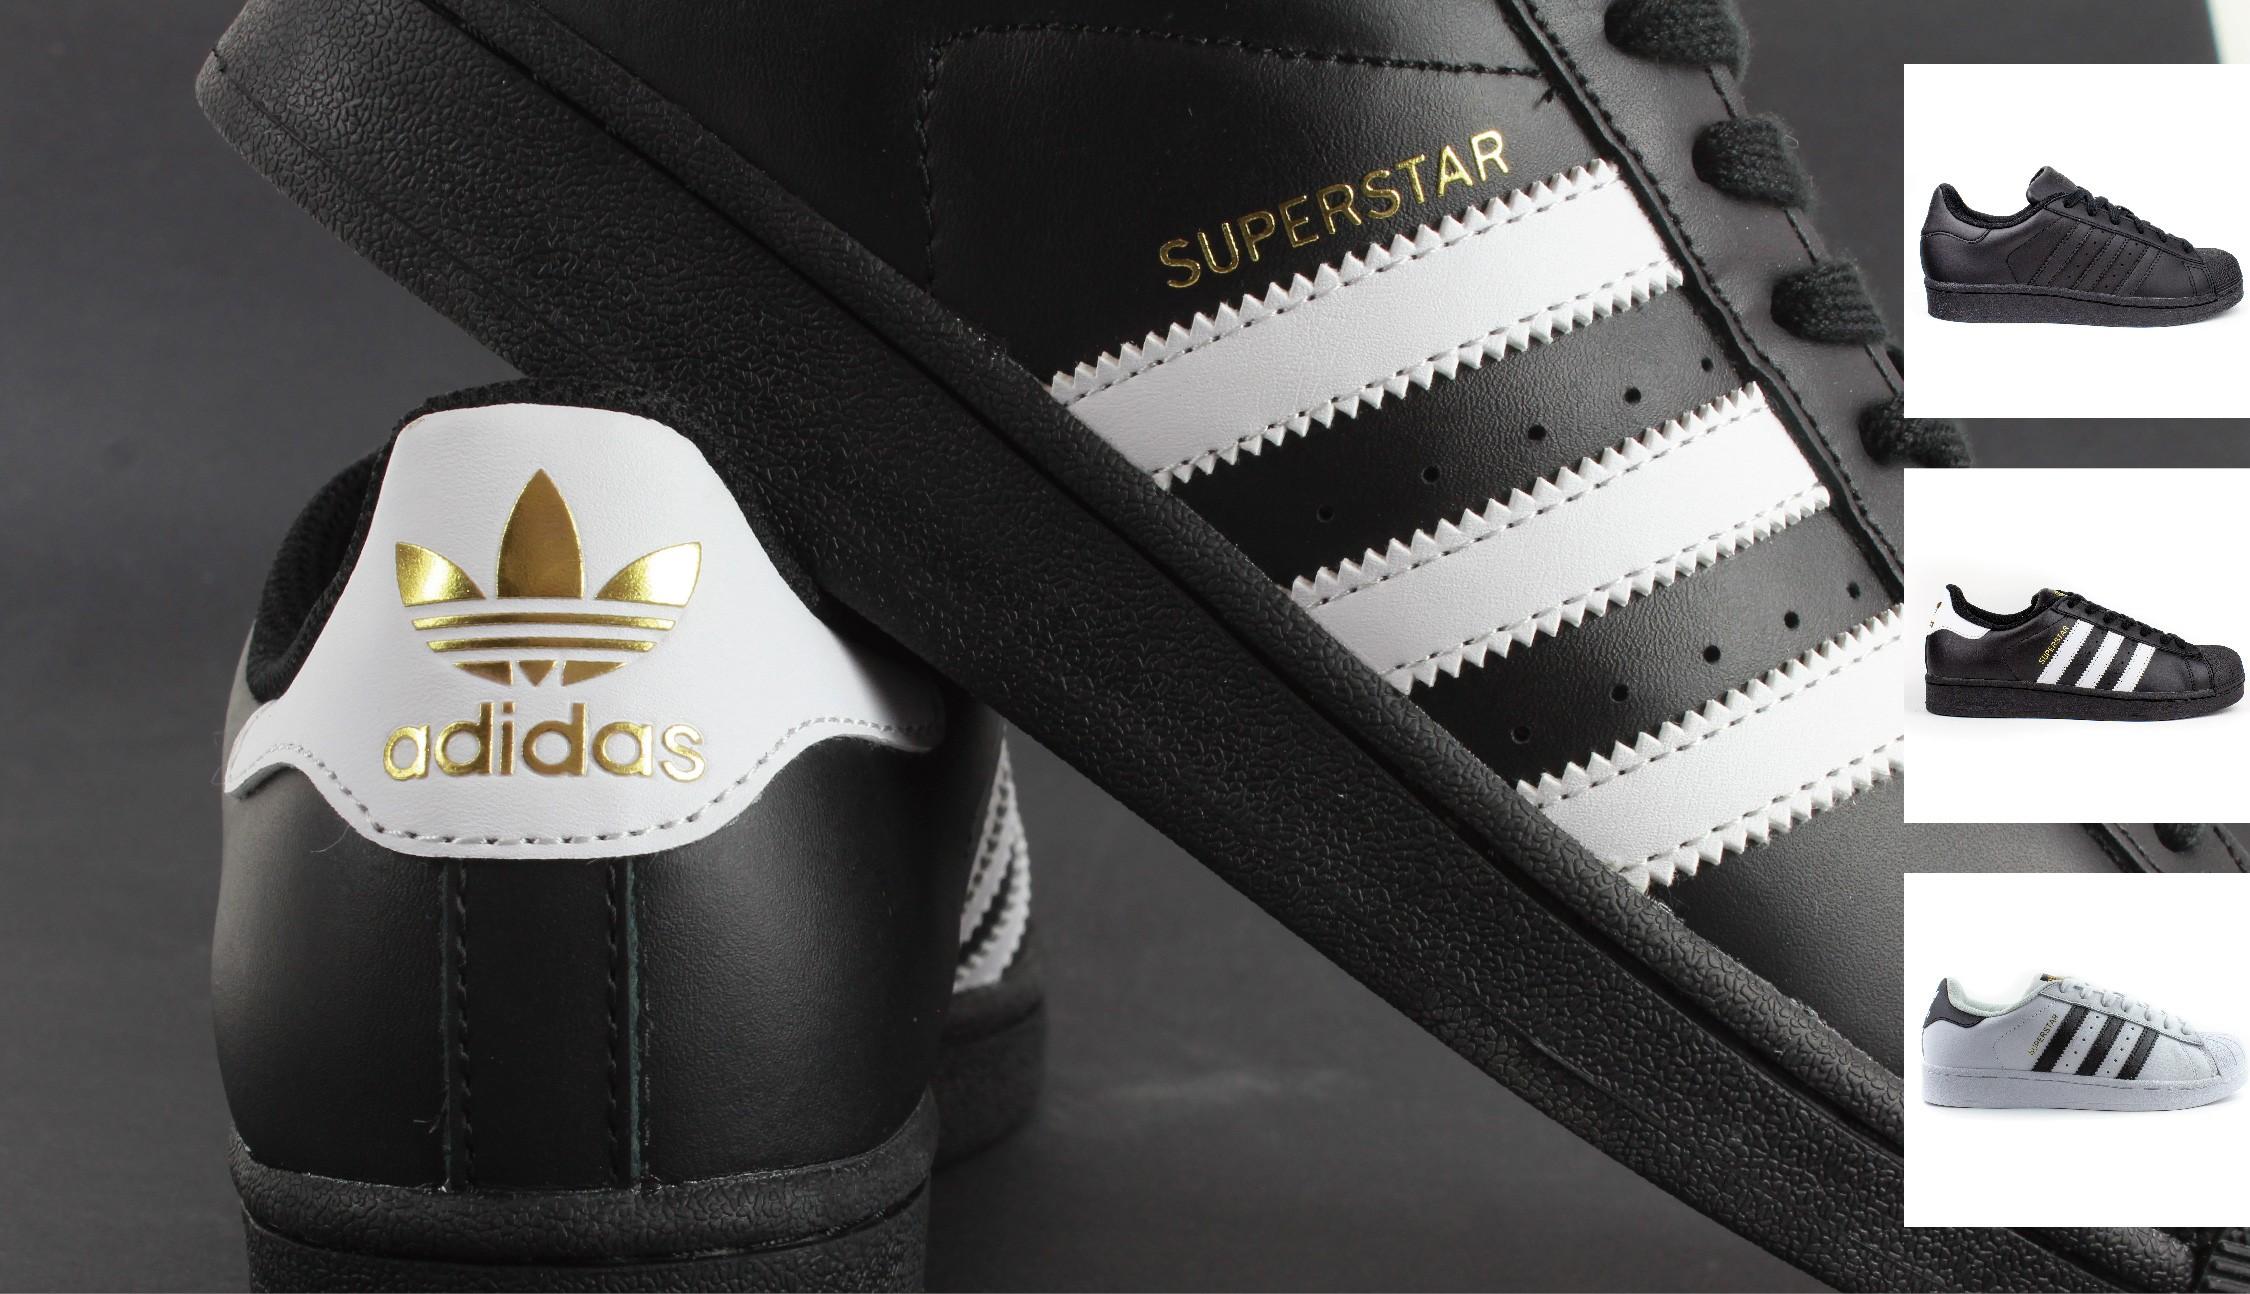 Adidas Superstar - retro młodzieżowy model sportowy, klasyka obuwia sportowego.